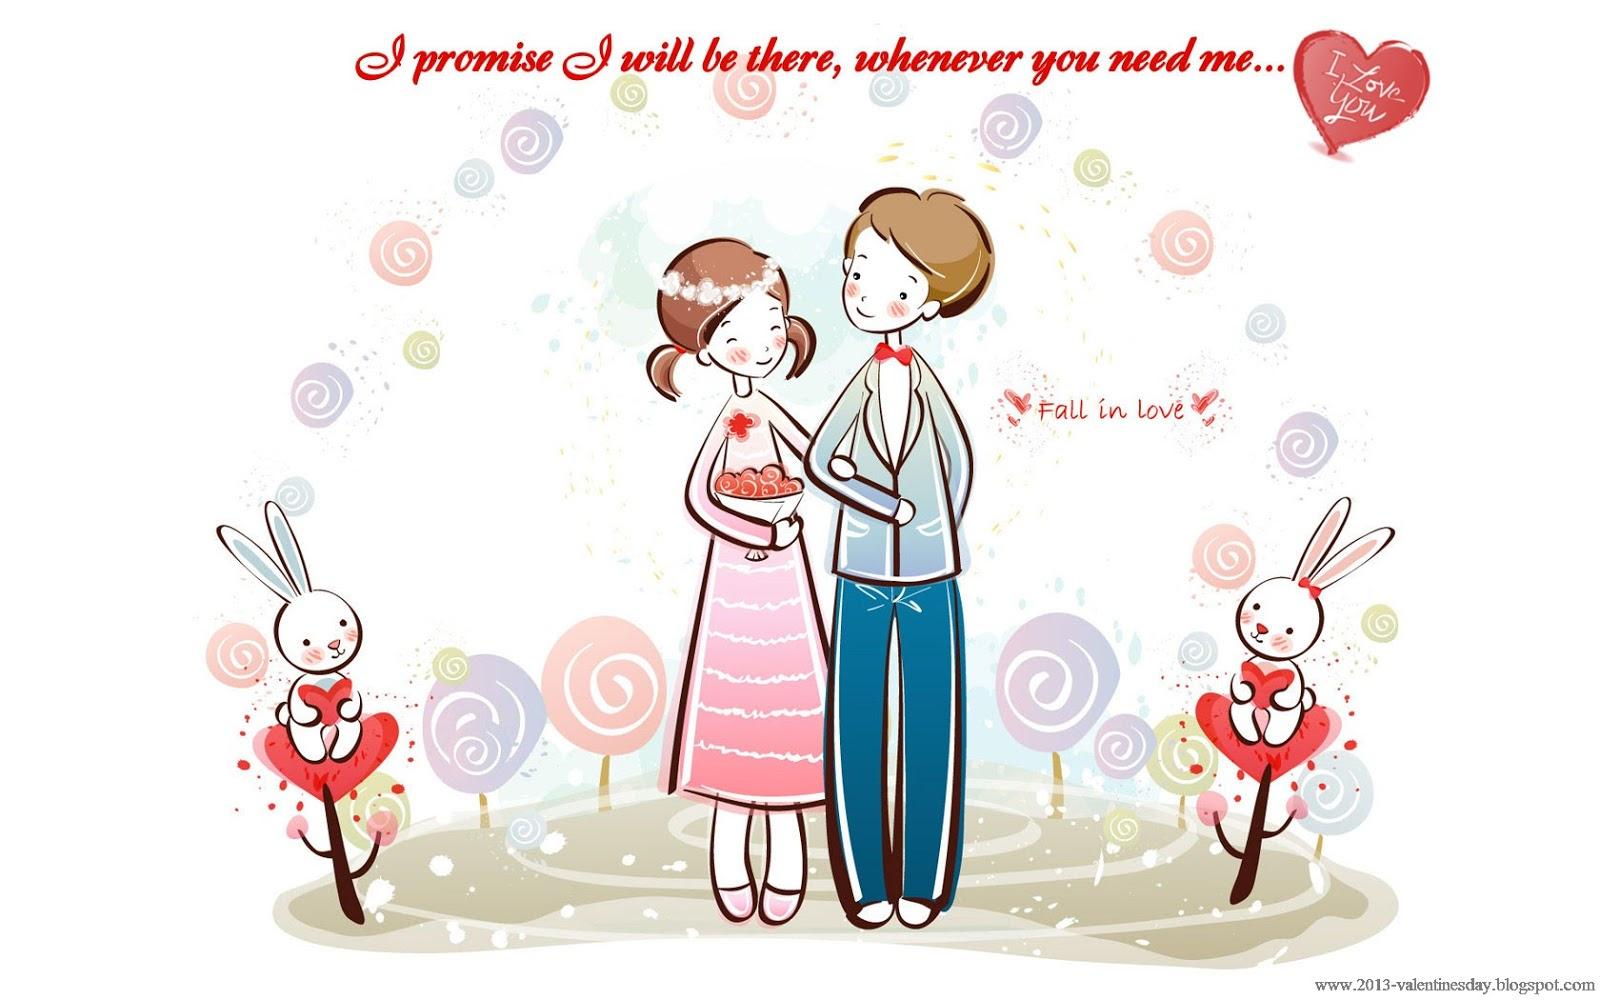 58 Gambar Kartun Love Romantis Gratis Terbaik